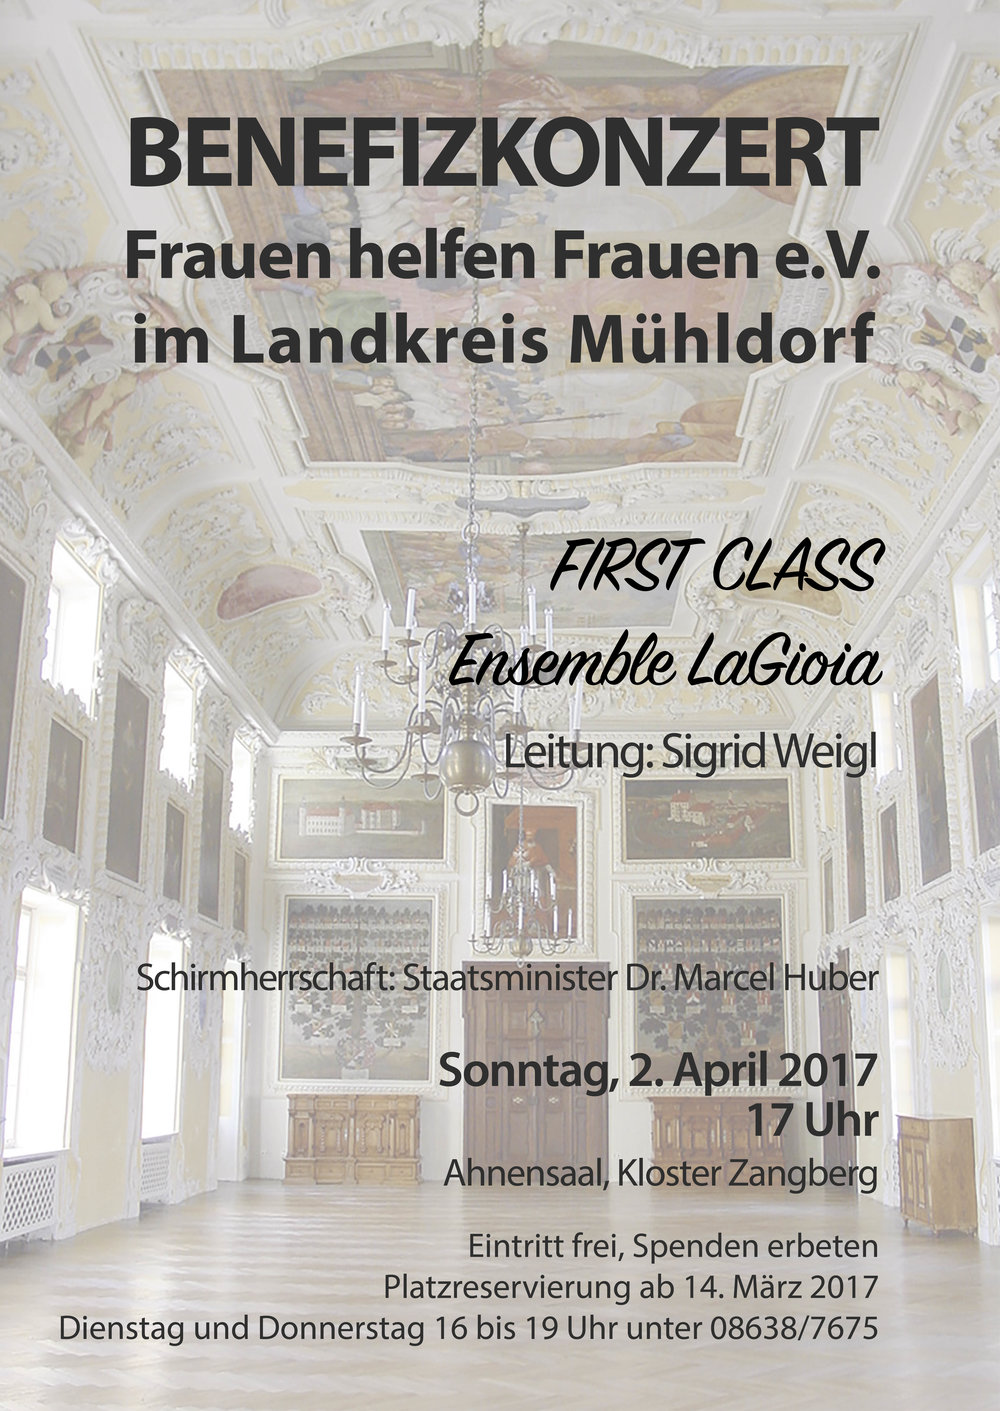 Konzertplakat für das Benefizkonzert von Frauen helfen Frauen im Landkreis Mühldorf e.V.